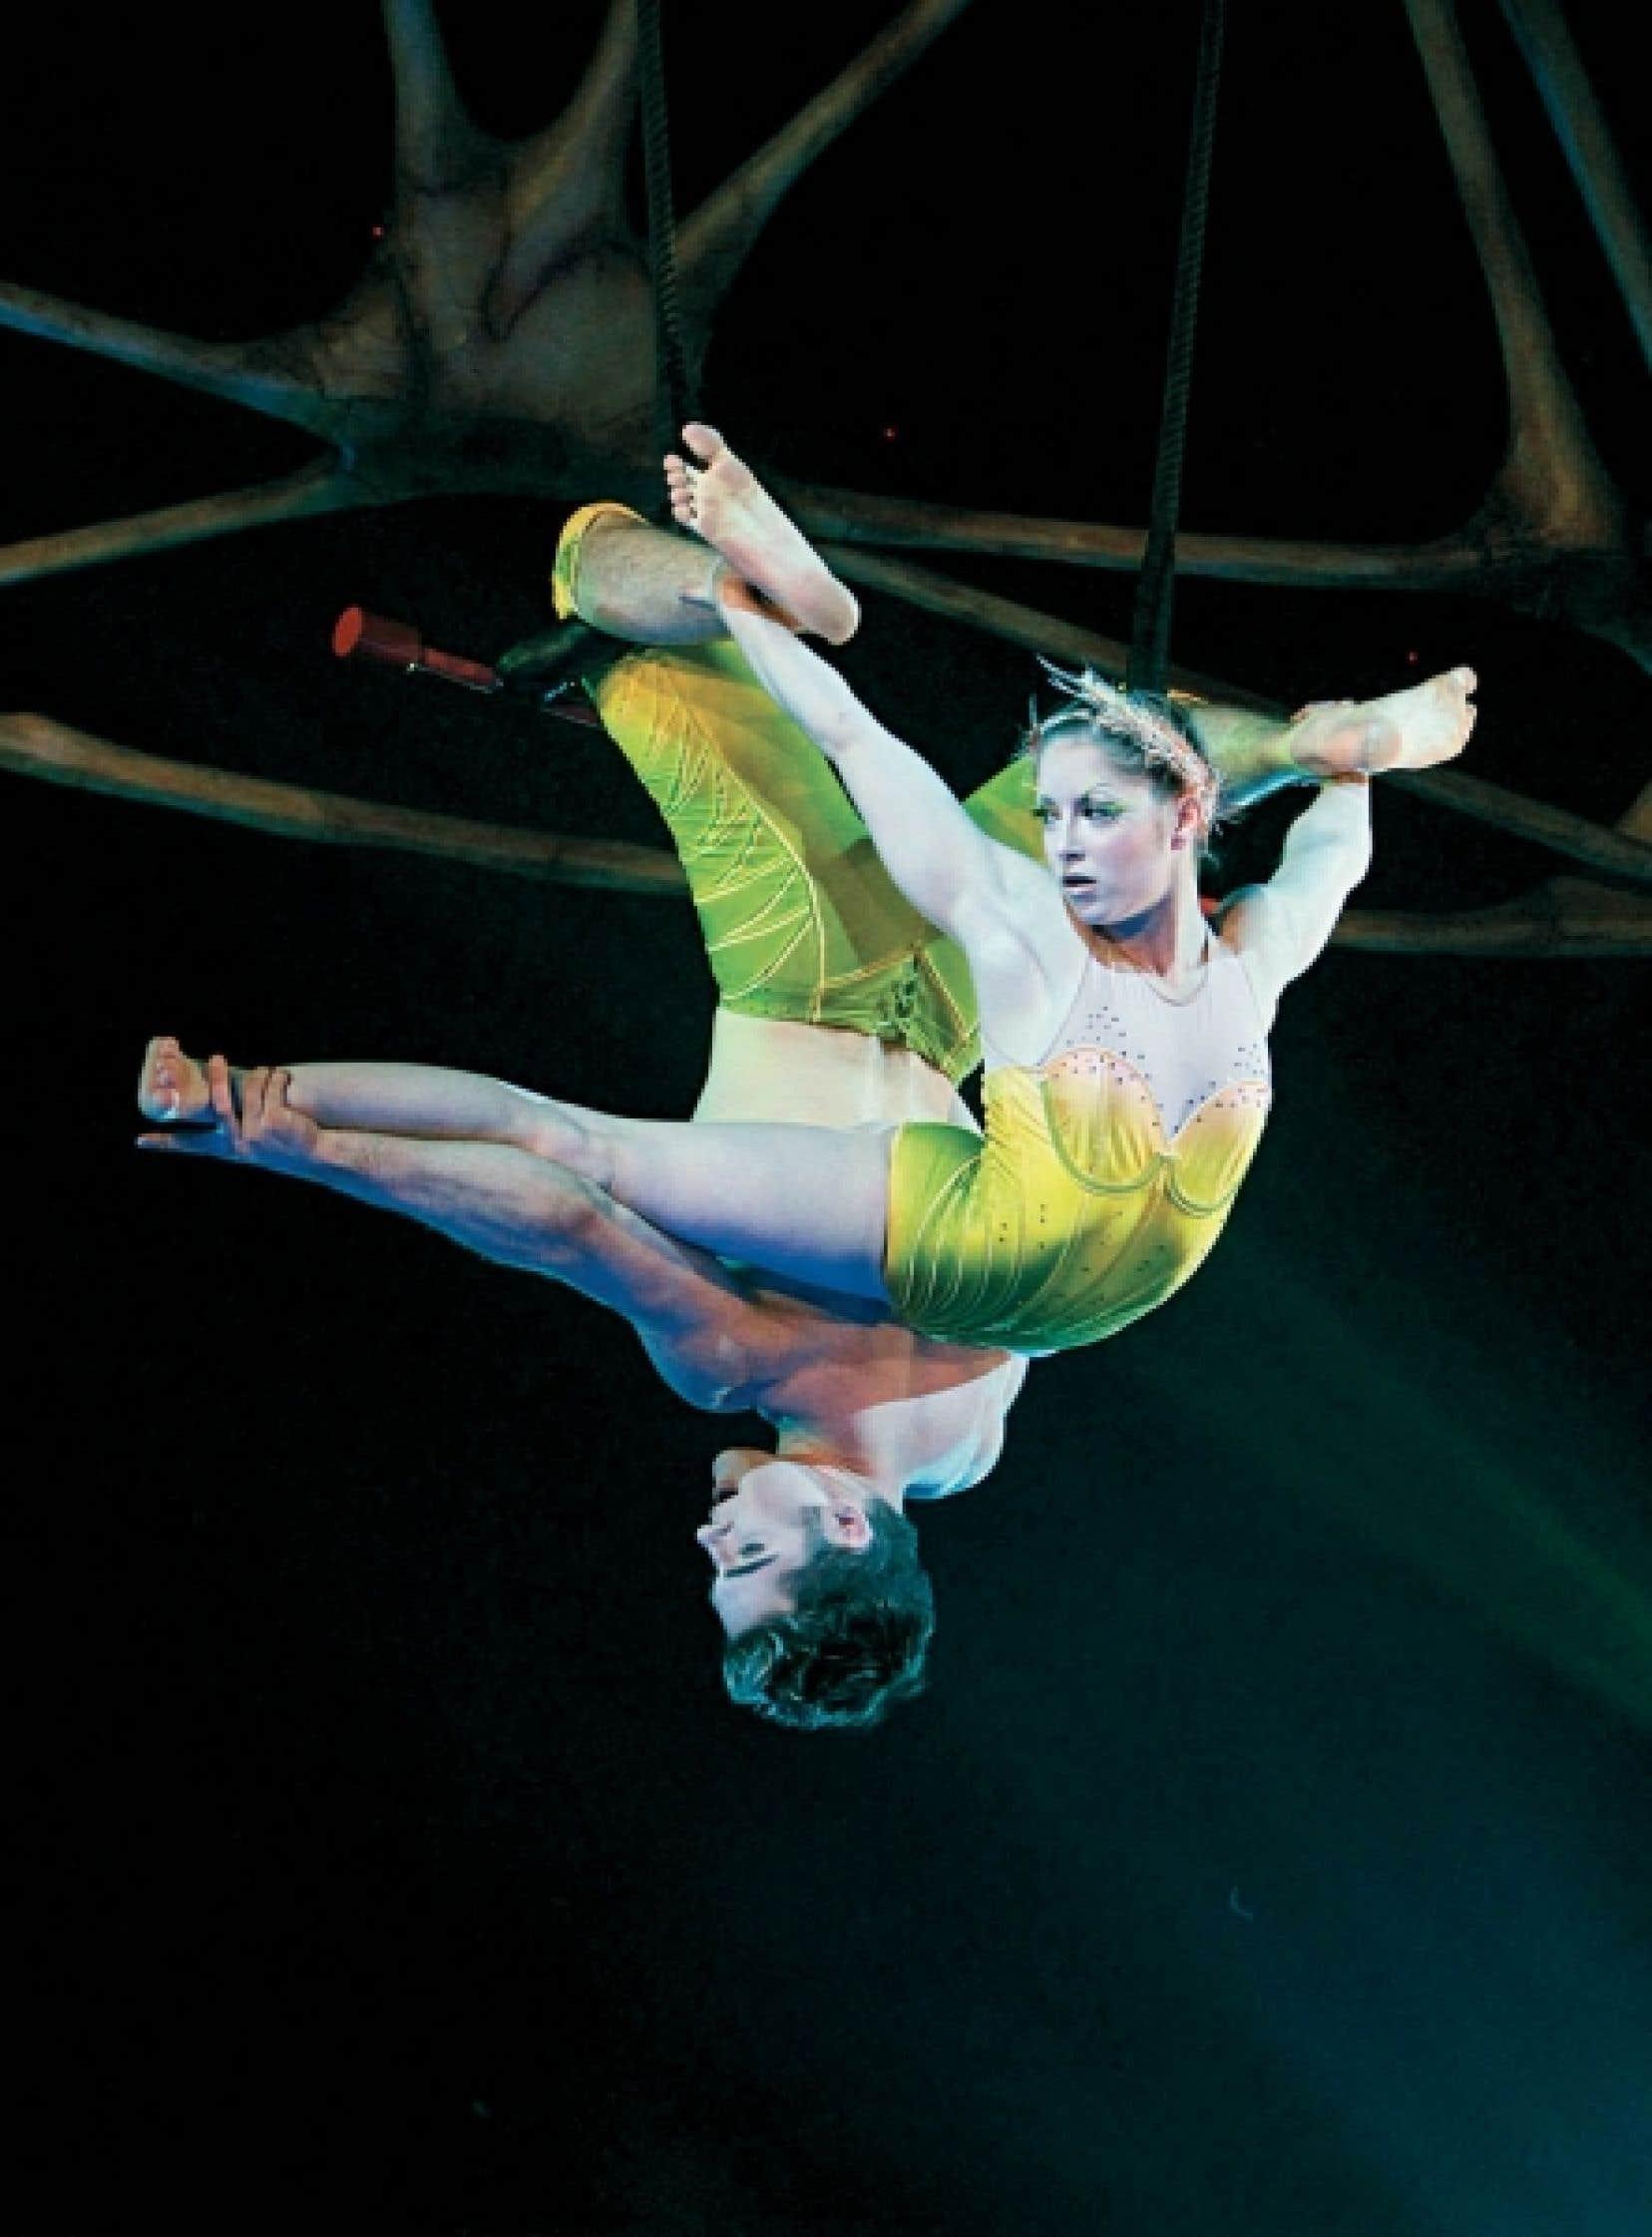 Le petit miracle, le grand bijou, est servi par Louis-David Simoneau et Rosalie Ducharme, deux jeunes diplômés de l'École nationale de cirque du Canada.